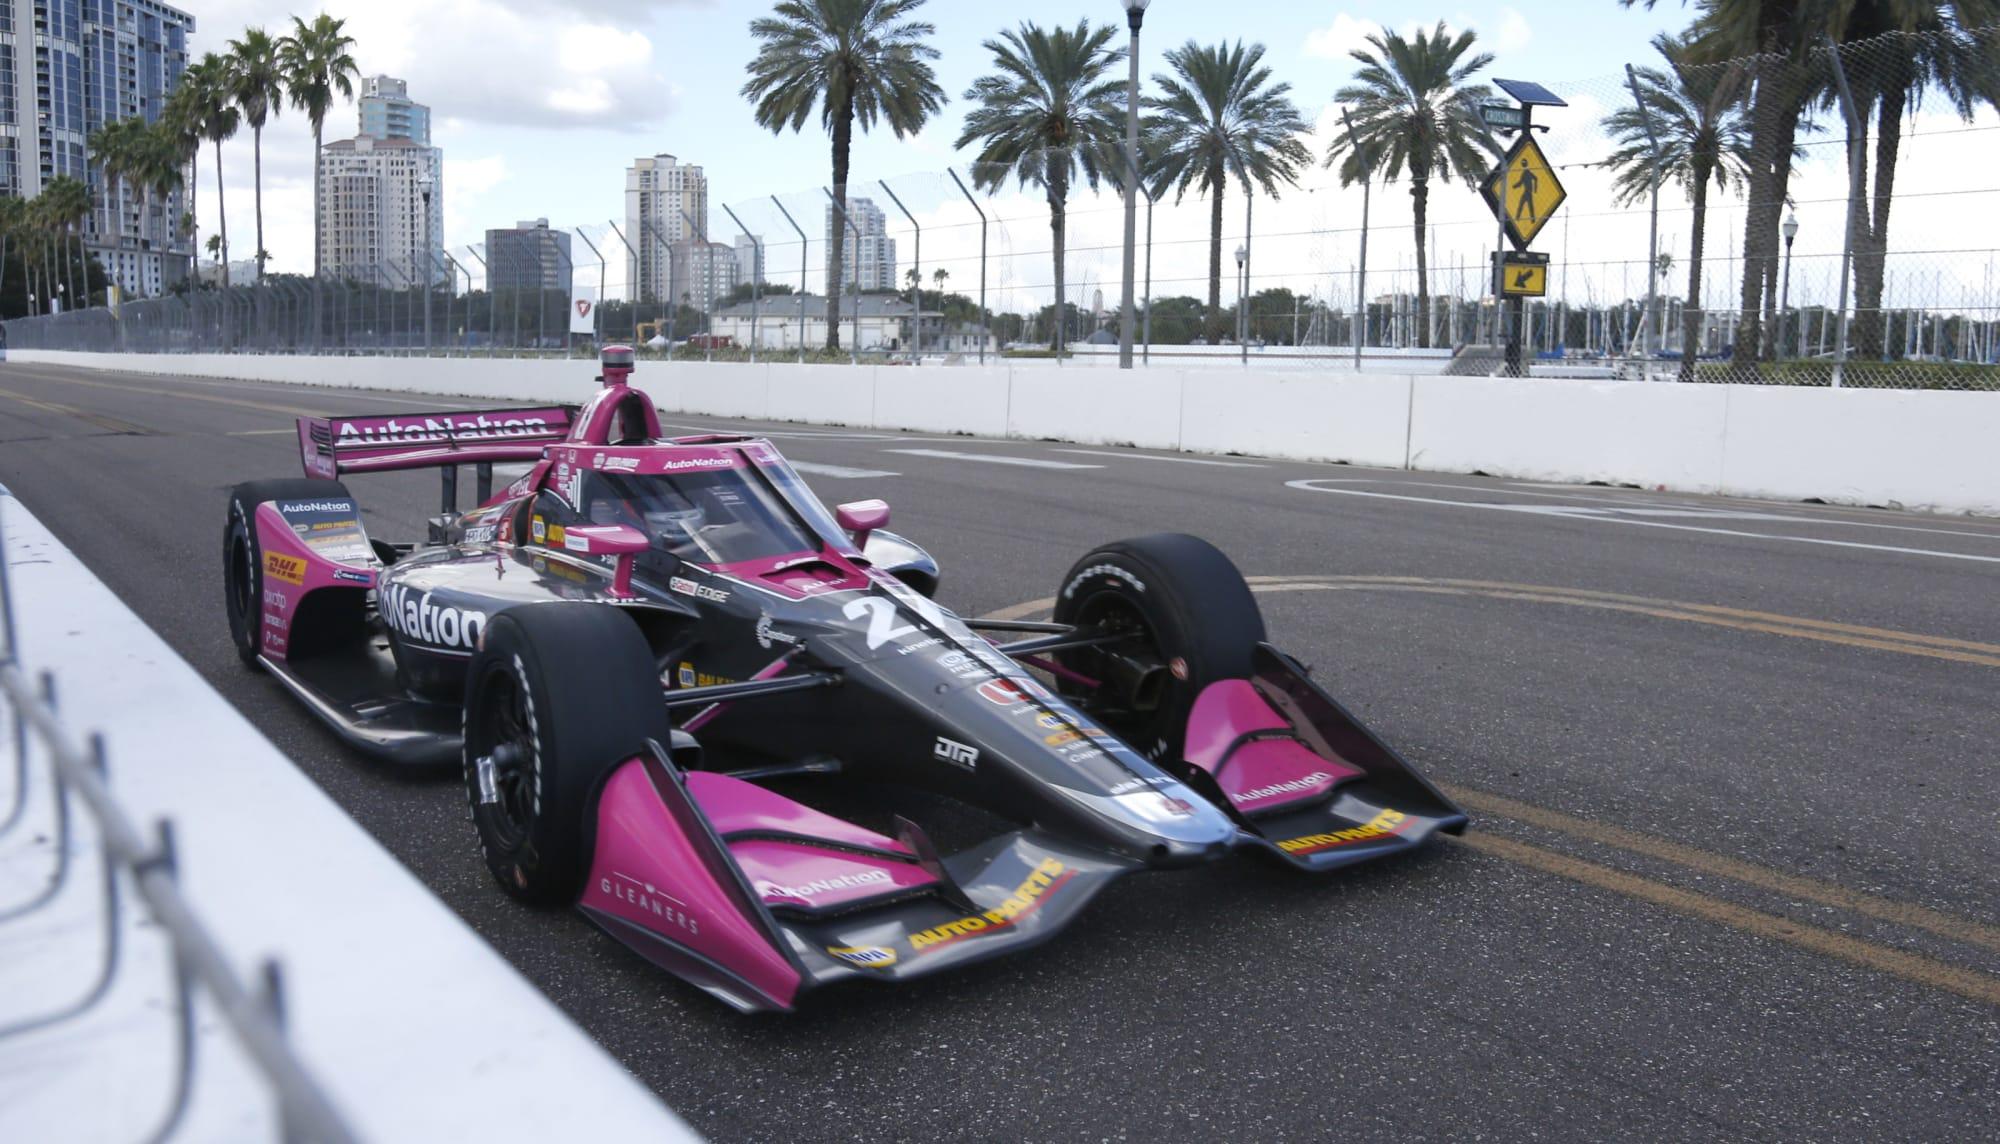 IndyCar: Alexander Rossi's impressive streak ends with crash